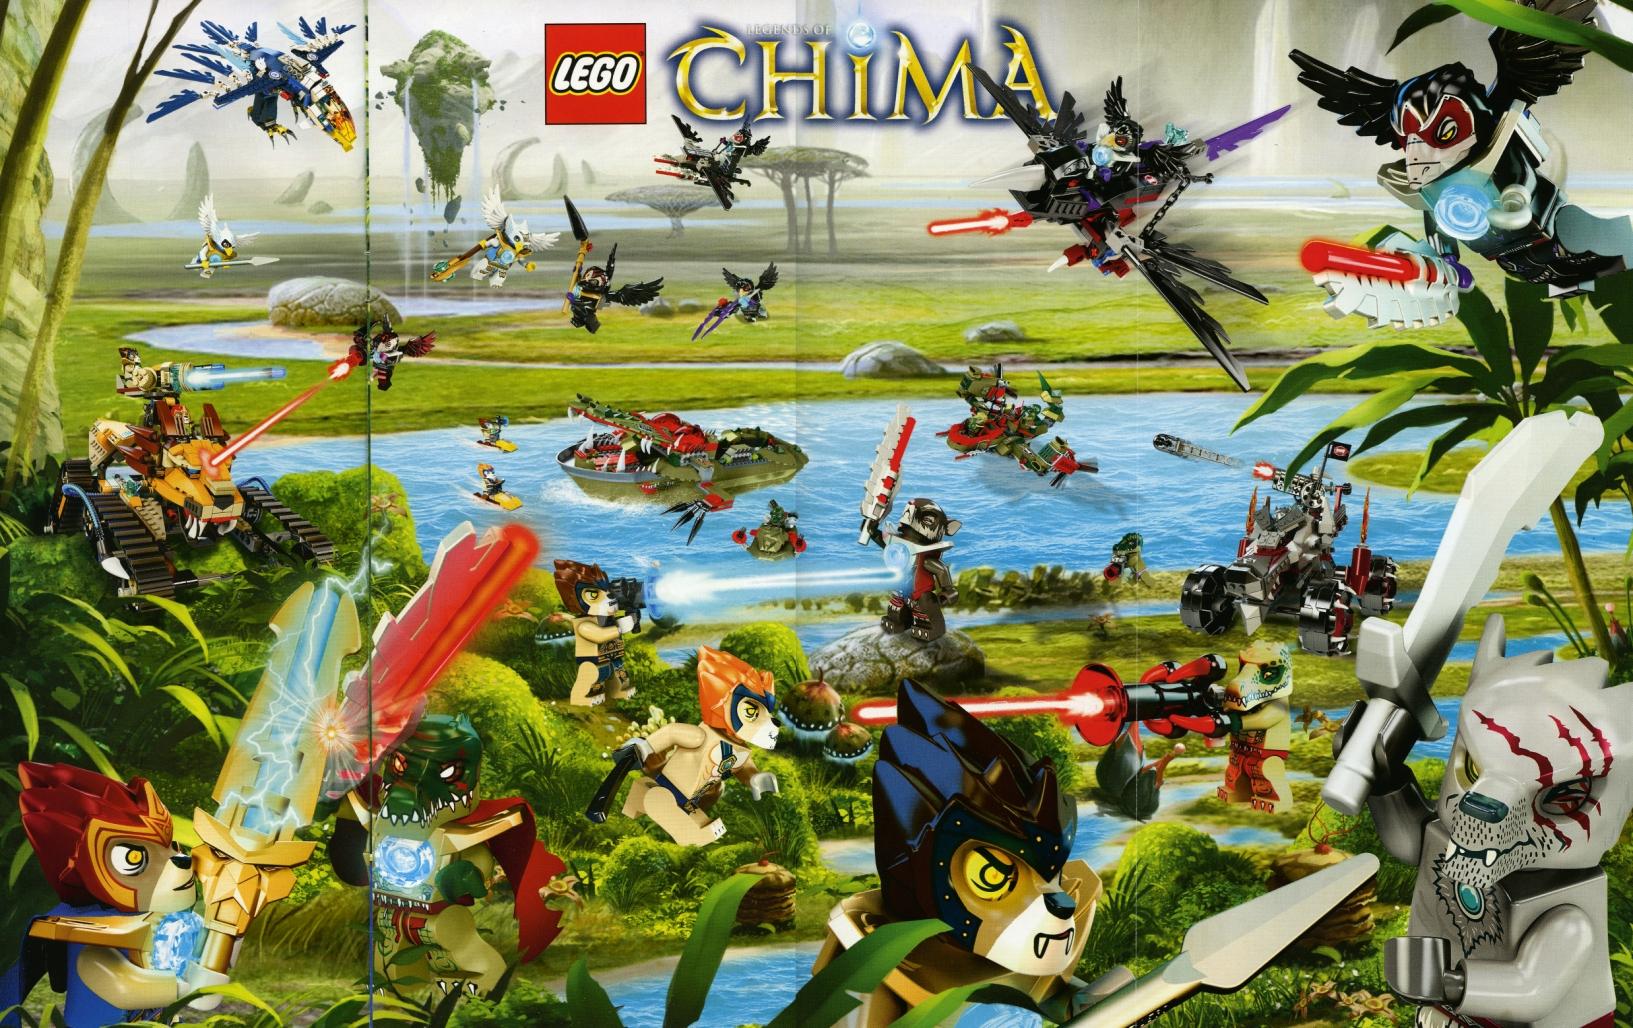 Lego.com Chima